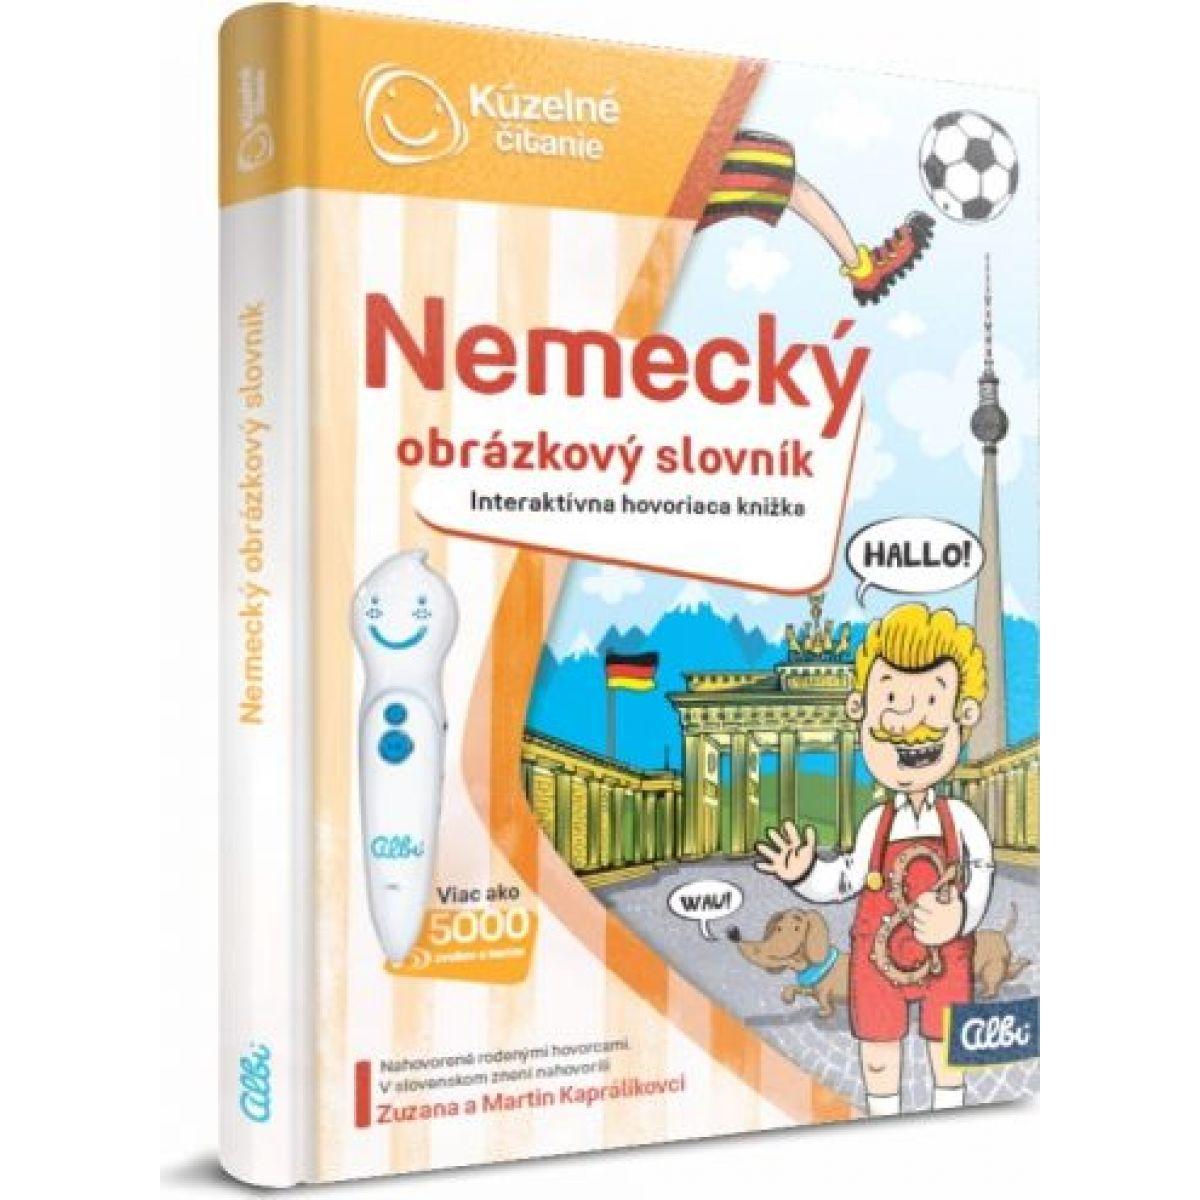 Kúzelné čítanie Kniha Nemecký obrázkový slovník SK